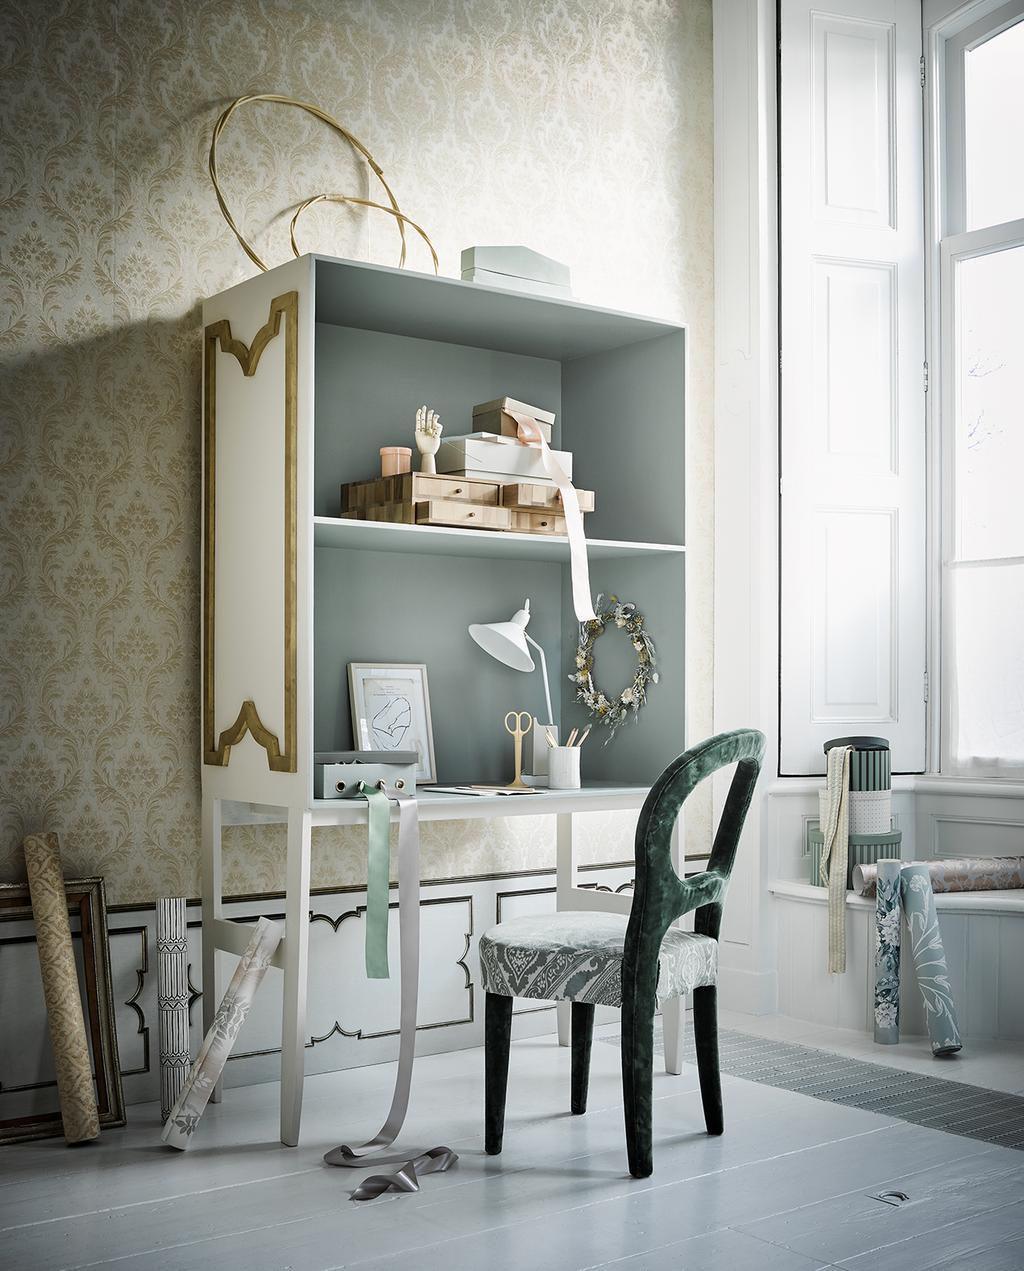 vtwonen 03-2020 stof verf & behang | bureau met fluwelen stoel en print behang